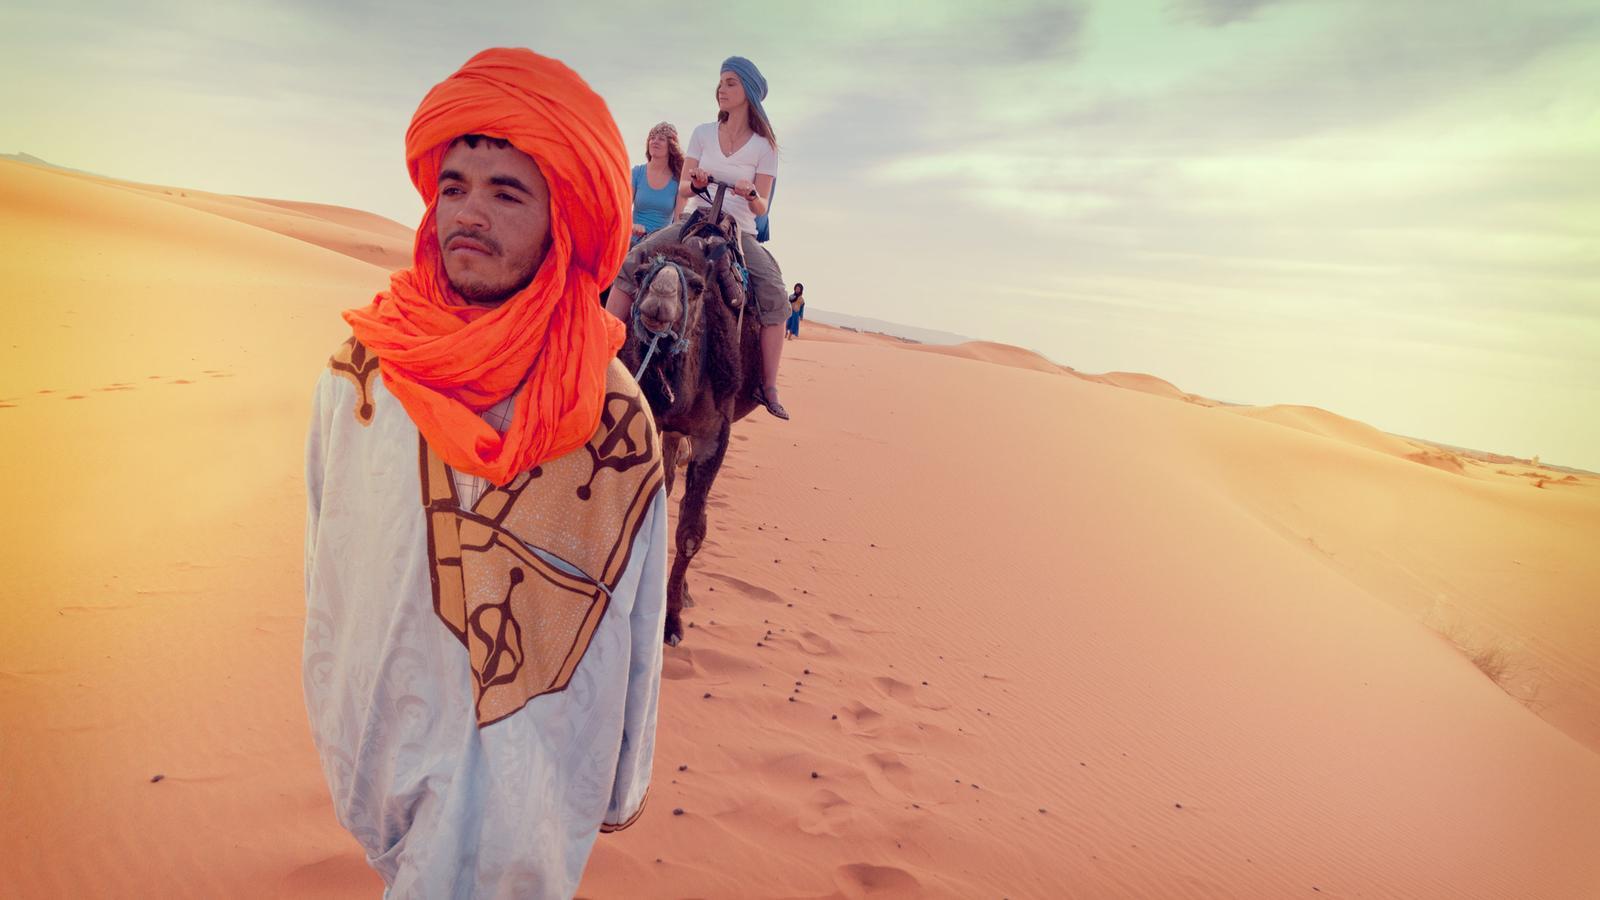 Marokko Gruppenreise durch die Wüste traveljunkies